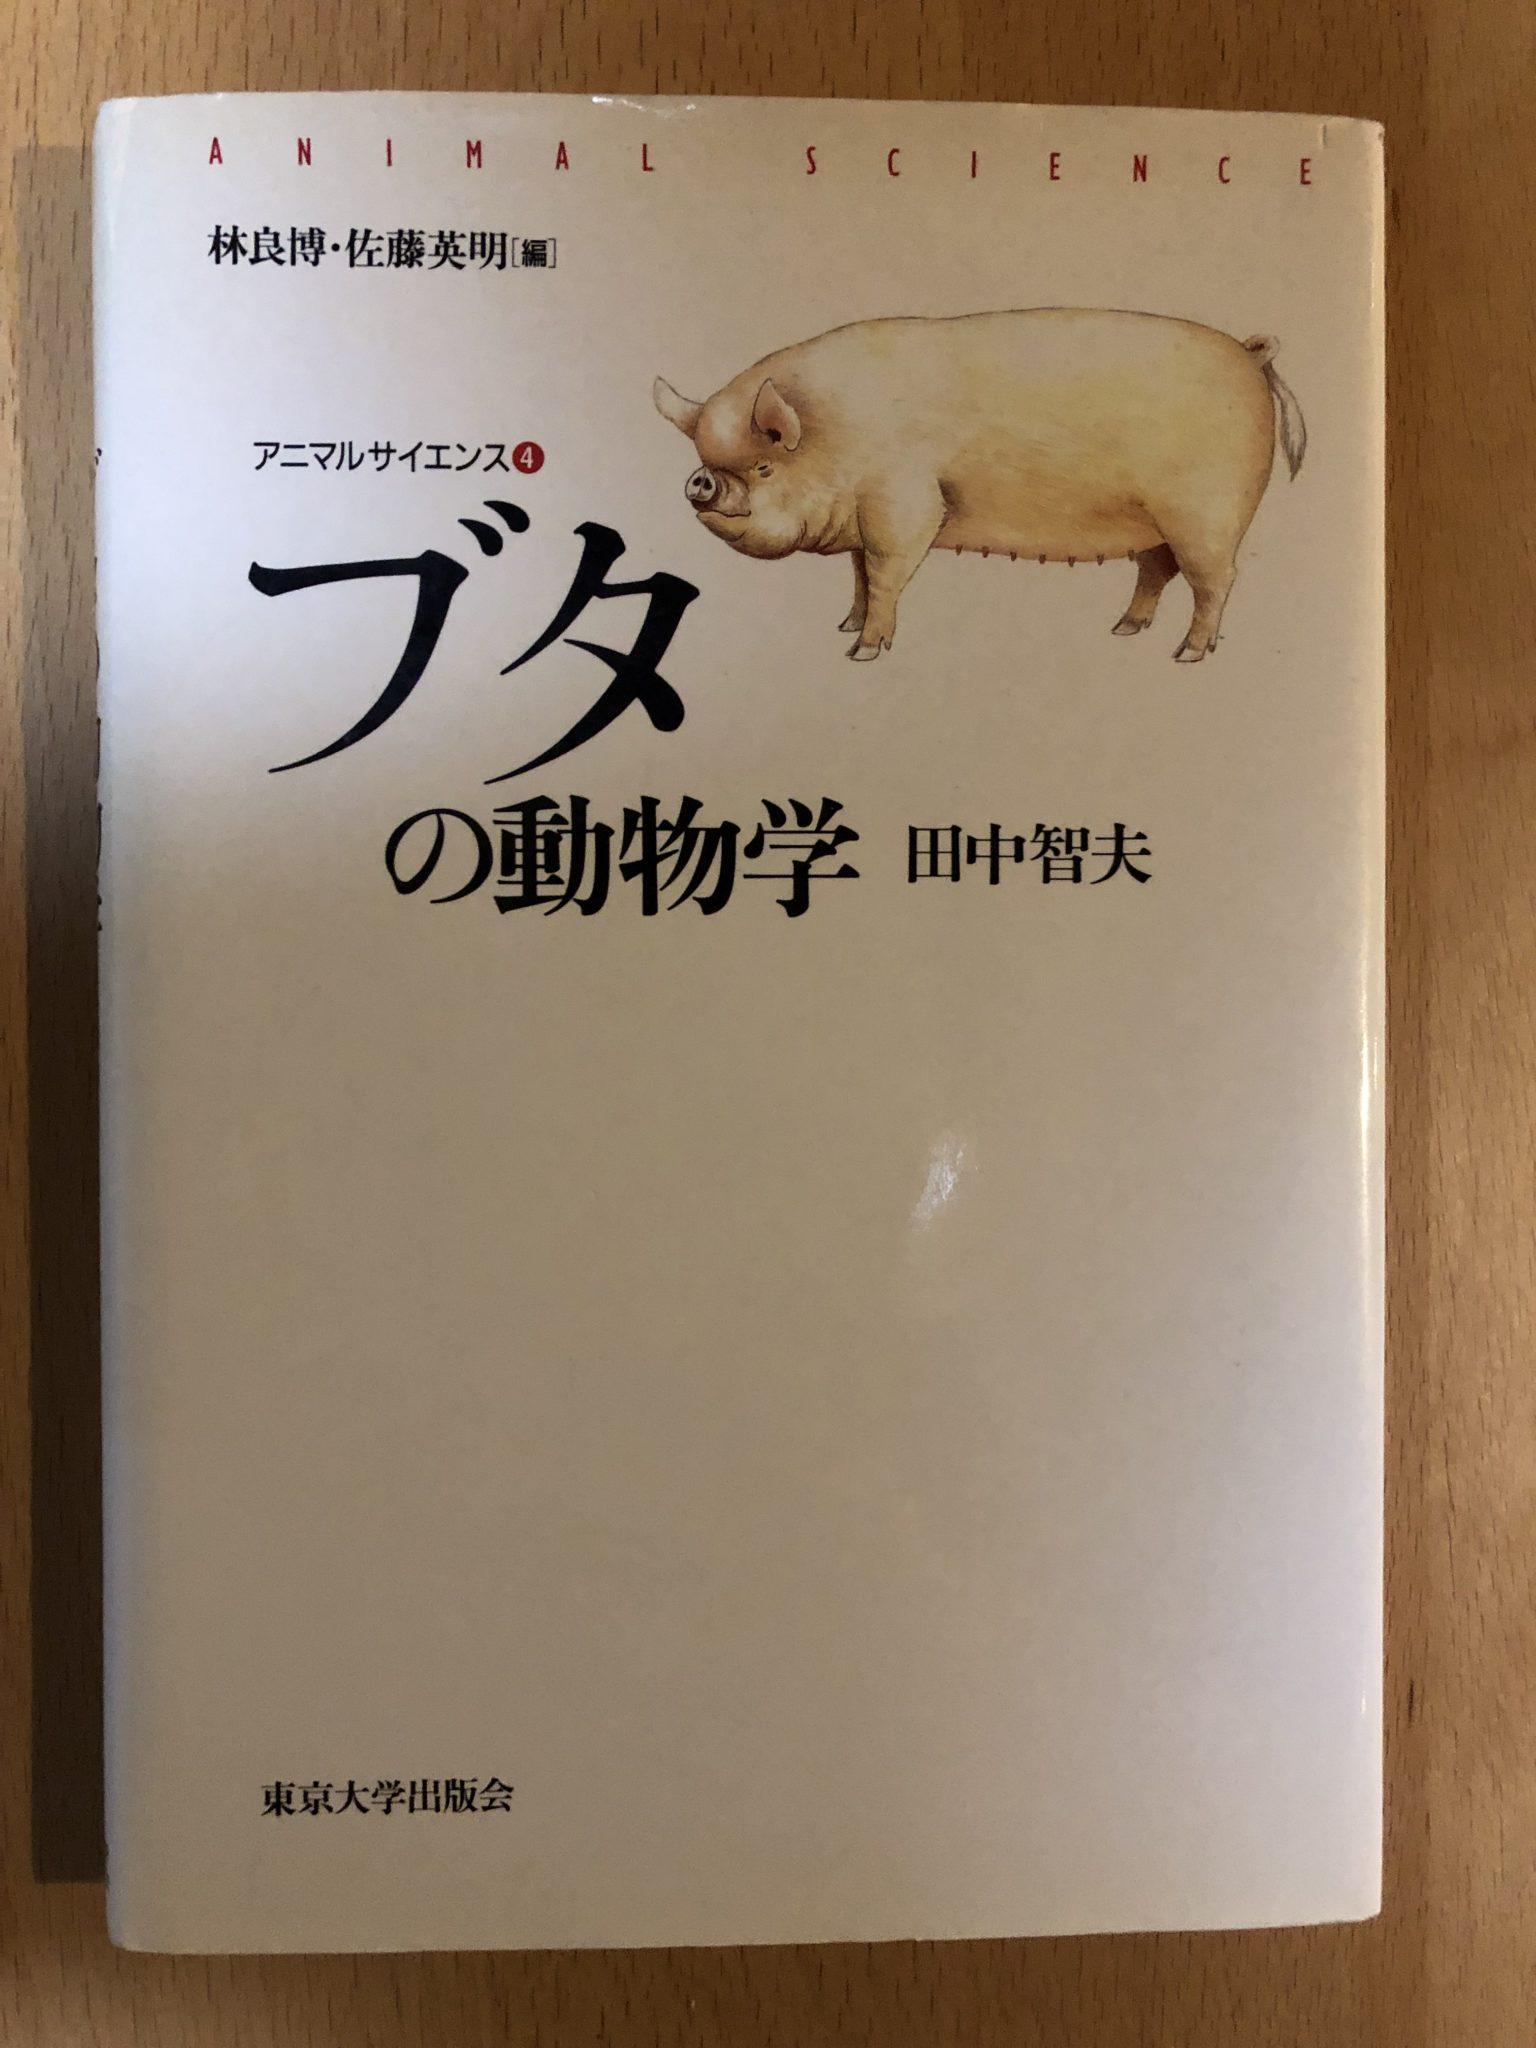 ブタの動物学